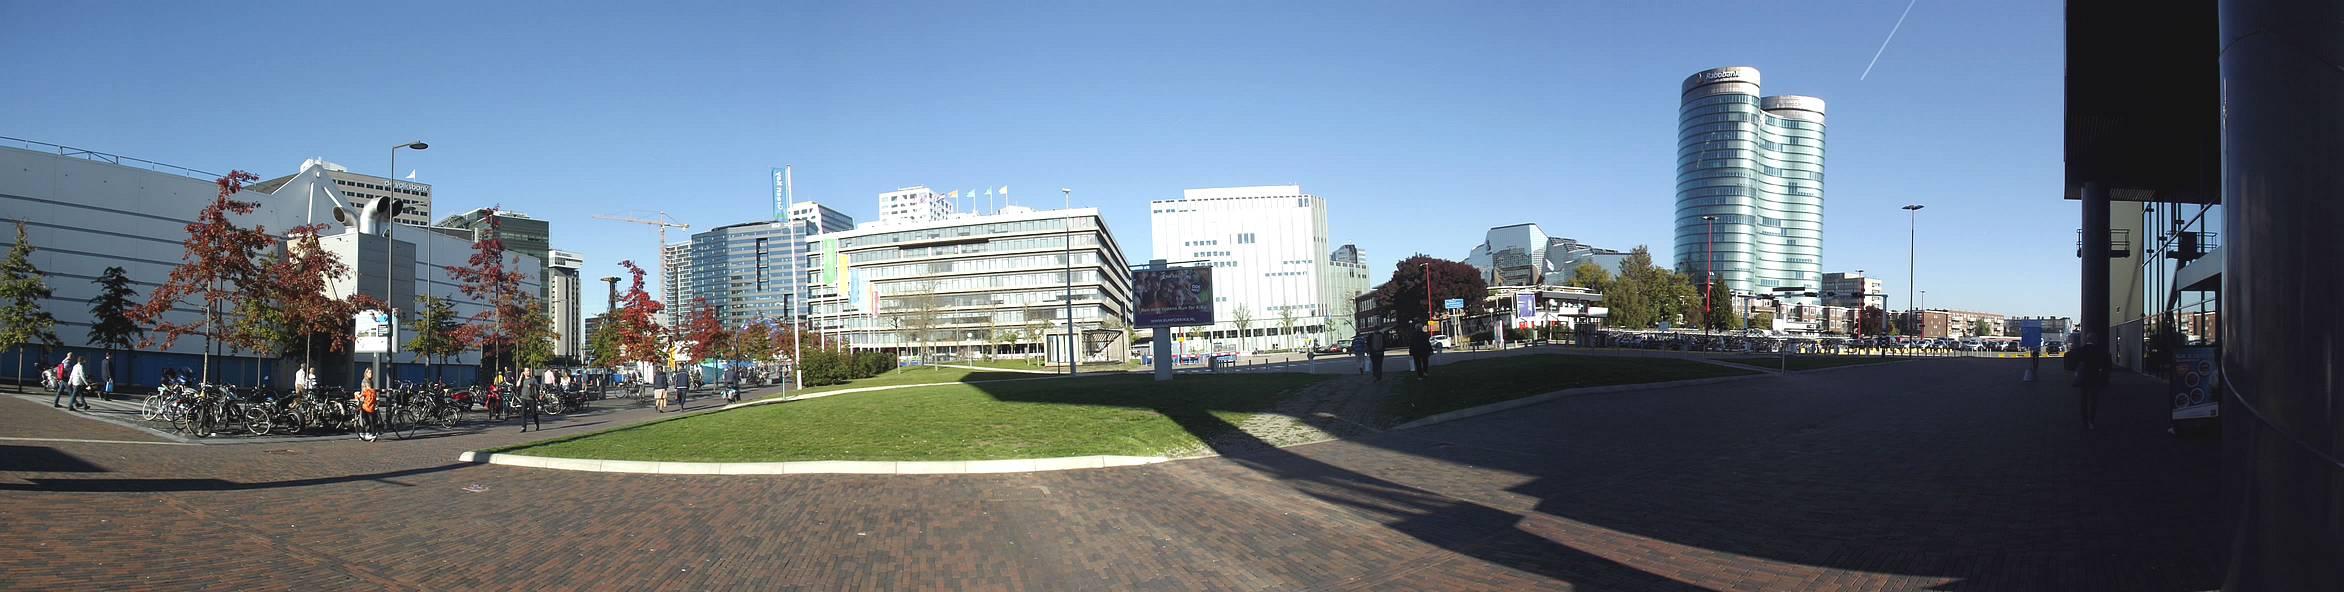 Das Panorama rund um das Messegelände bietet eine moderne Skyline mit gut anzuschauenden Bürohäusern. (Foto: tom/DCI)